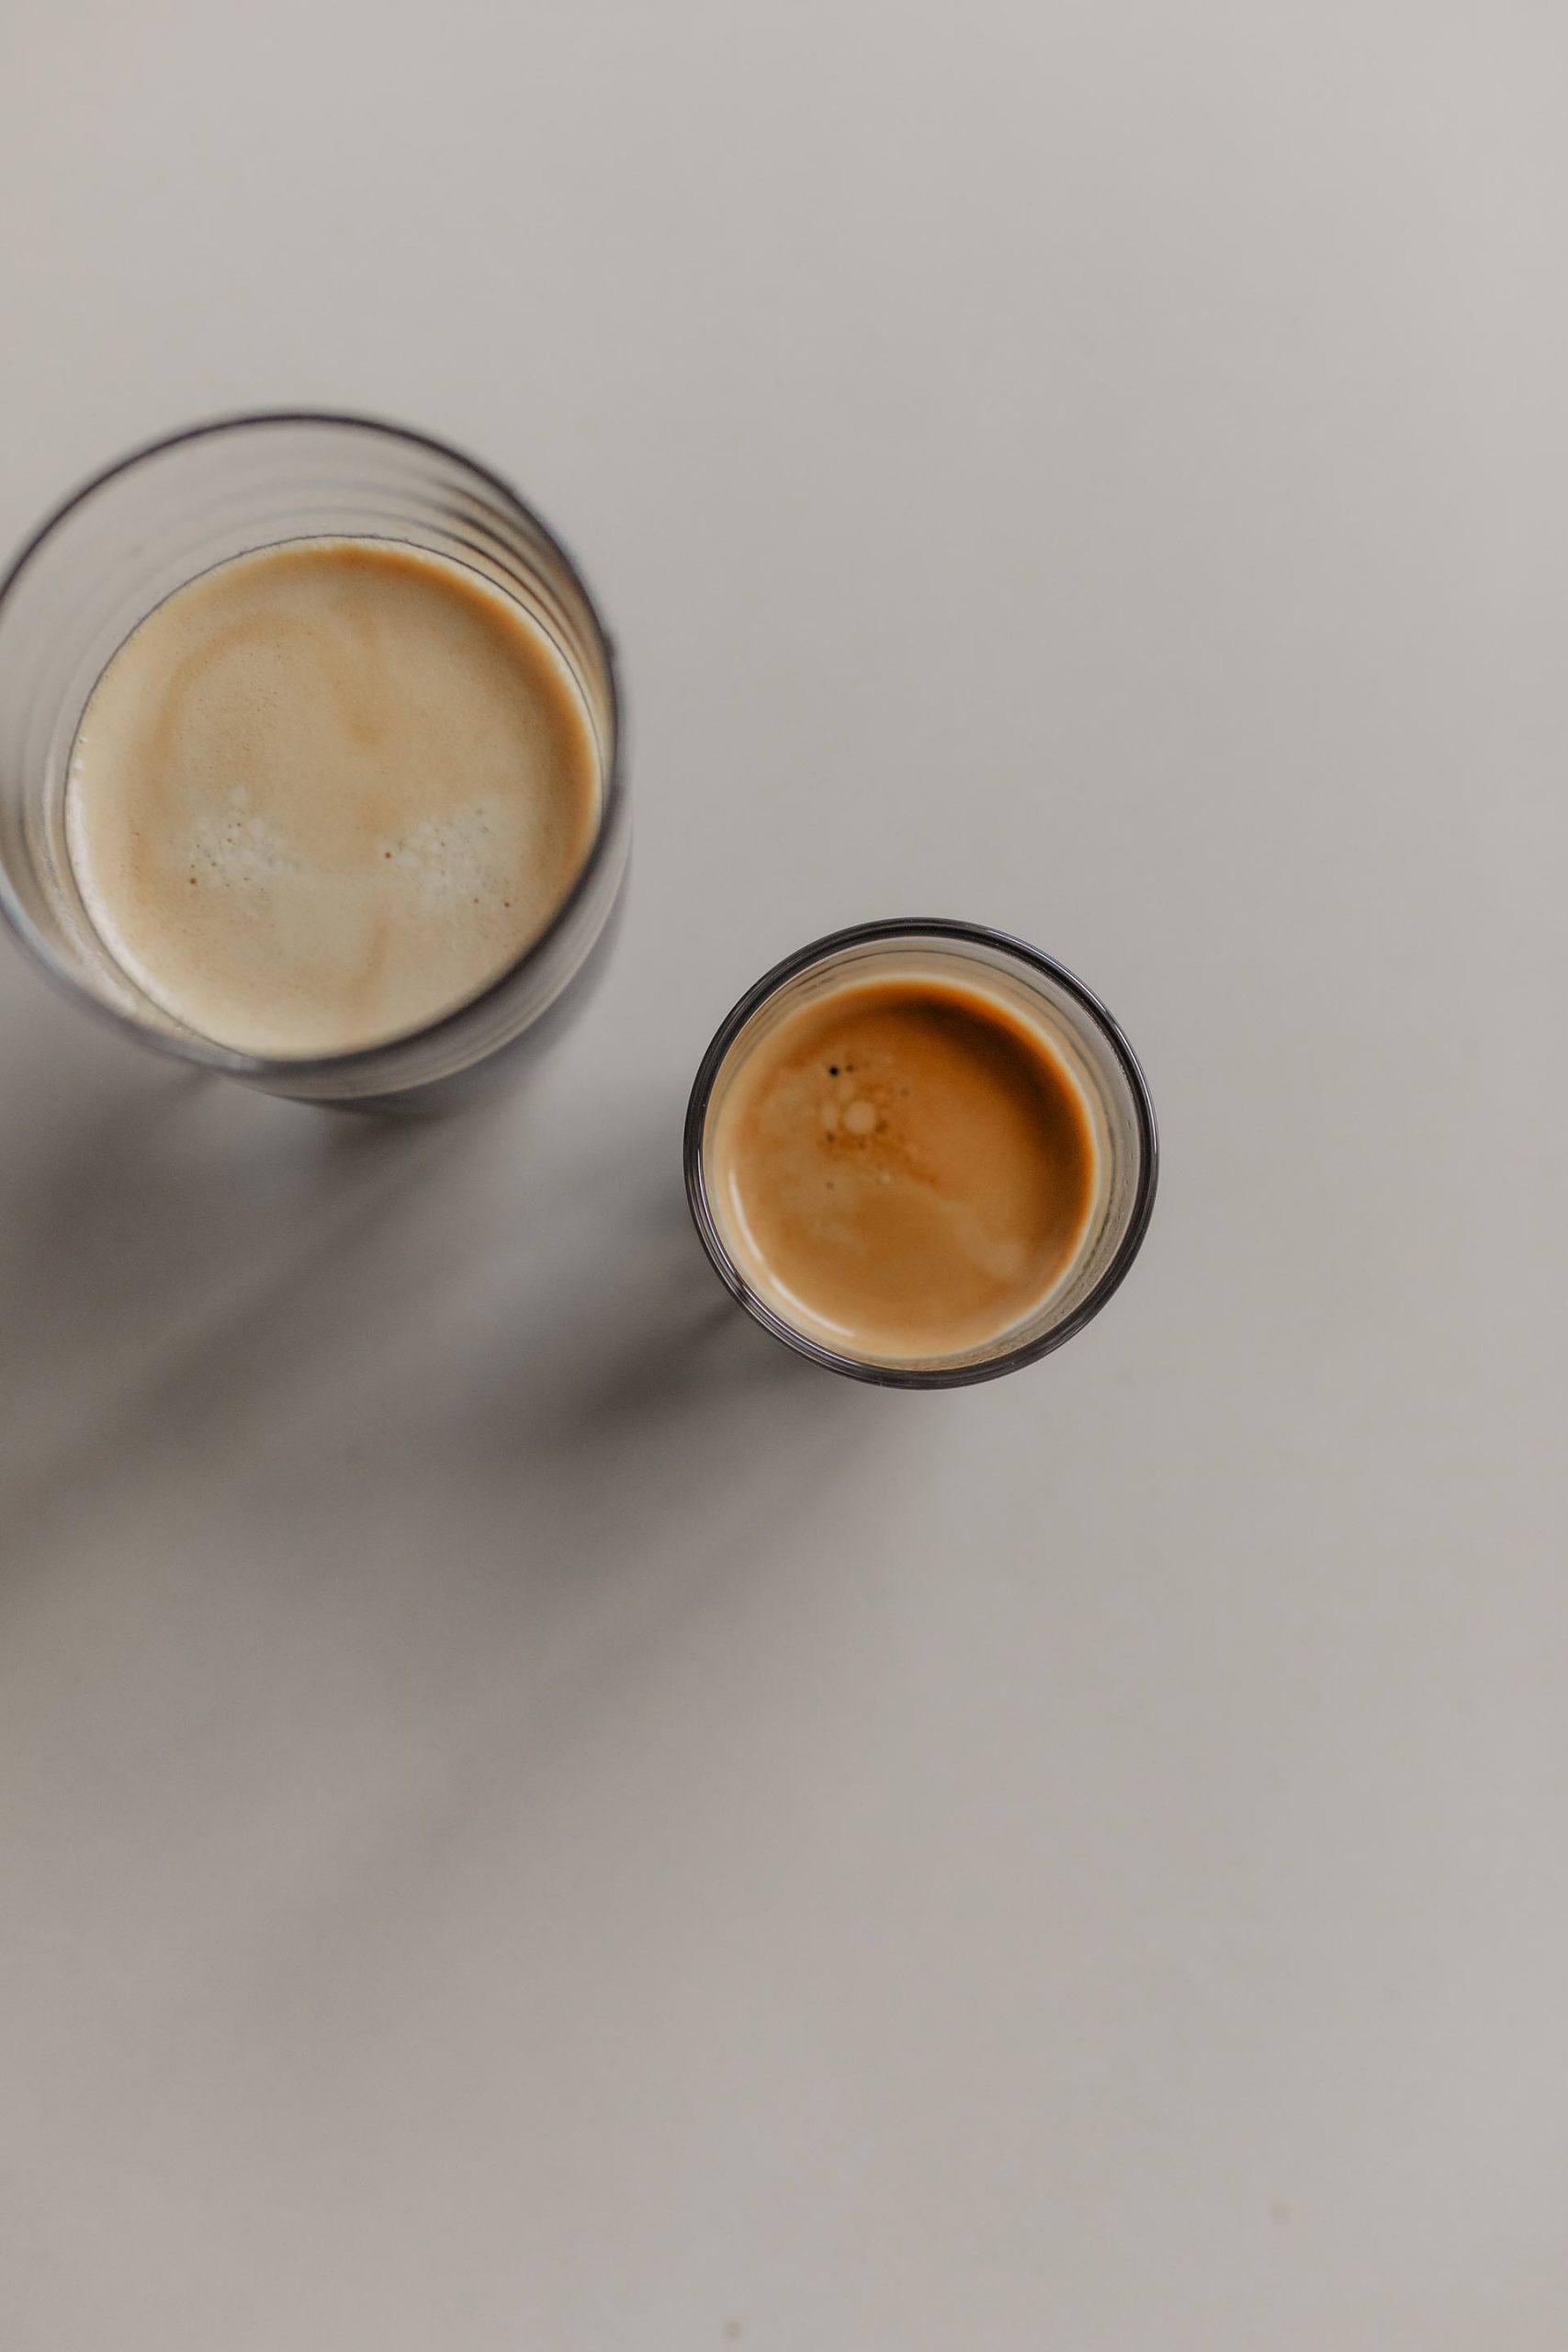 Anzeige. Heute stehen meine liebstenKaffeespezialitäten im Mittelpunkt. Cappuccino, Caffè Crema oder moderner Flat White – welchen wählst du? www.whoismocca.com